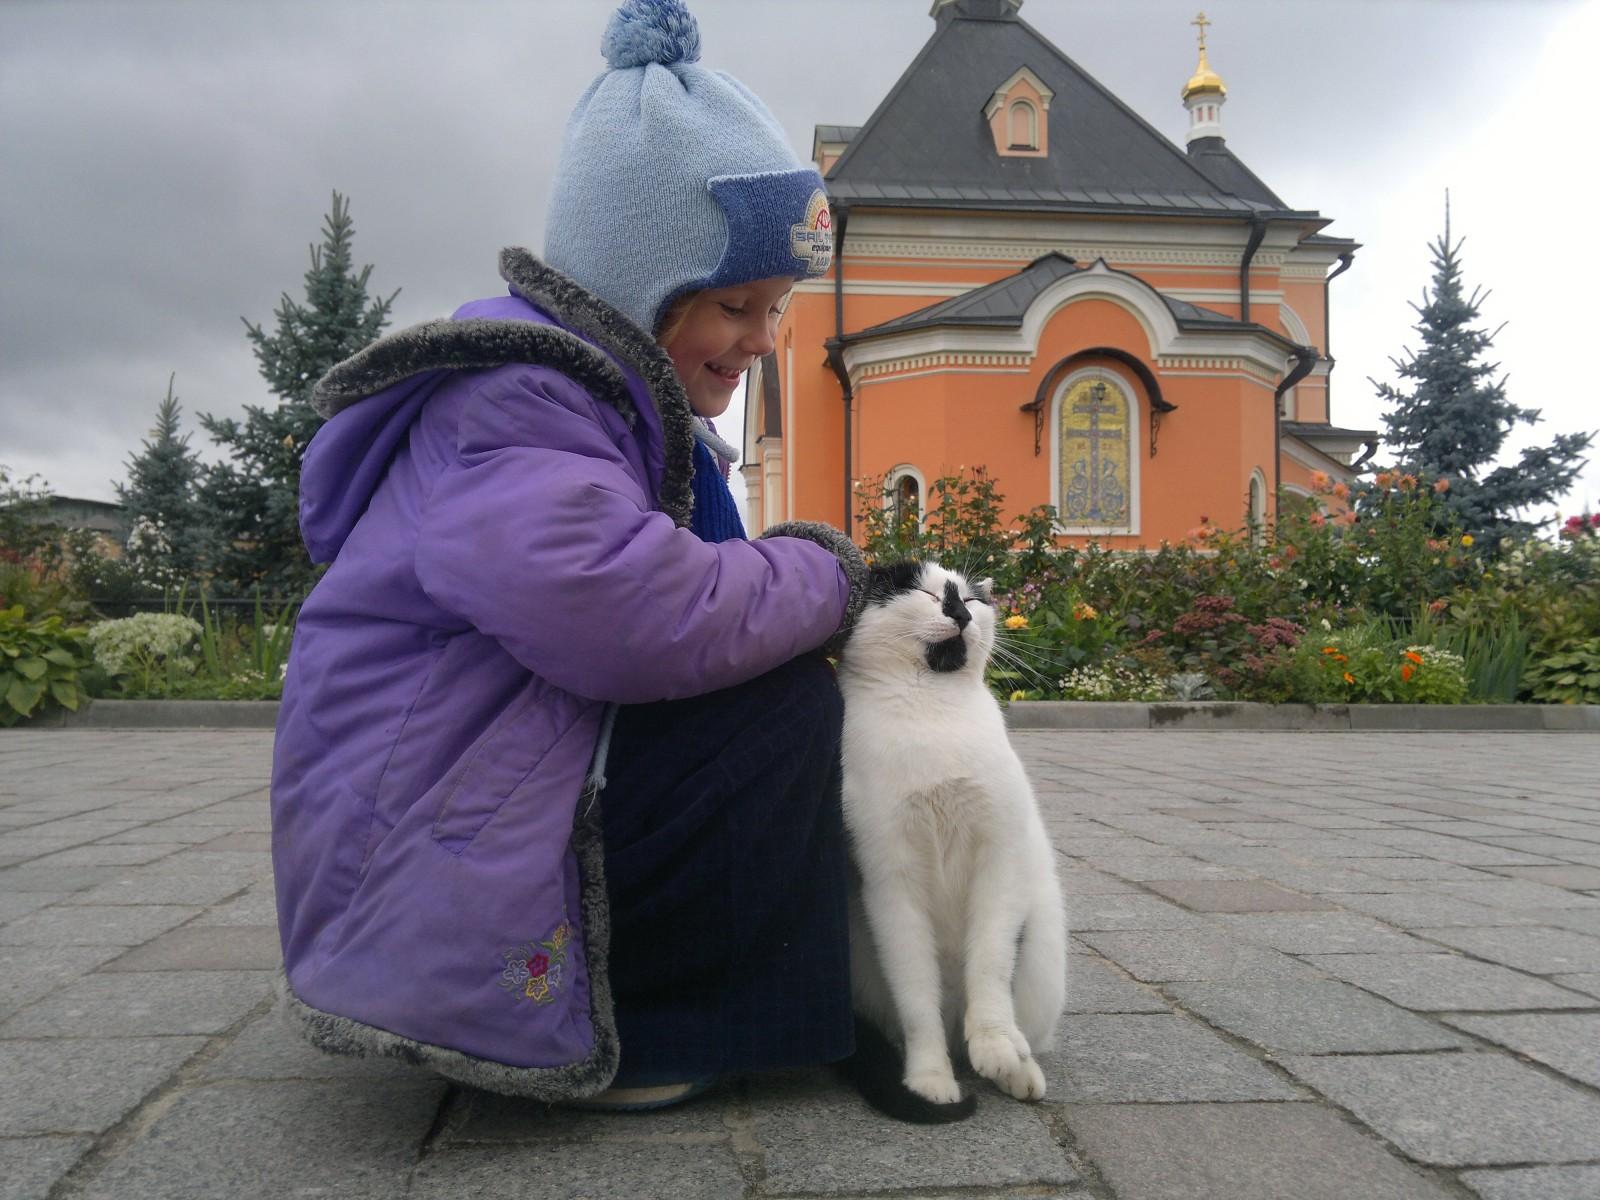 Без комментариев )))